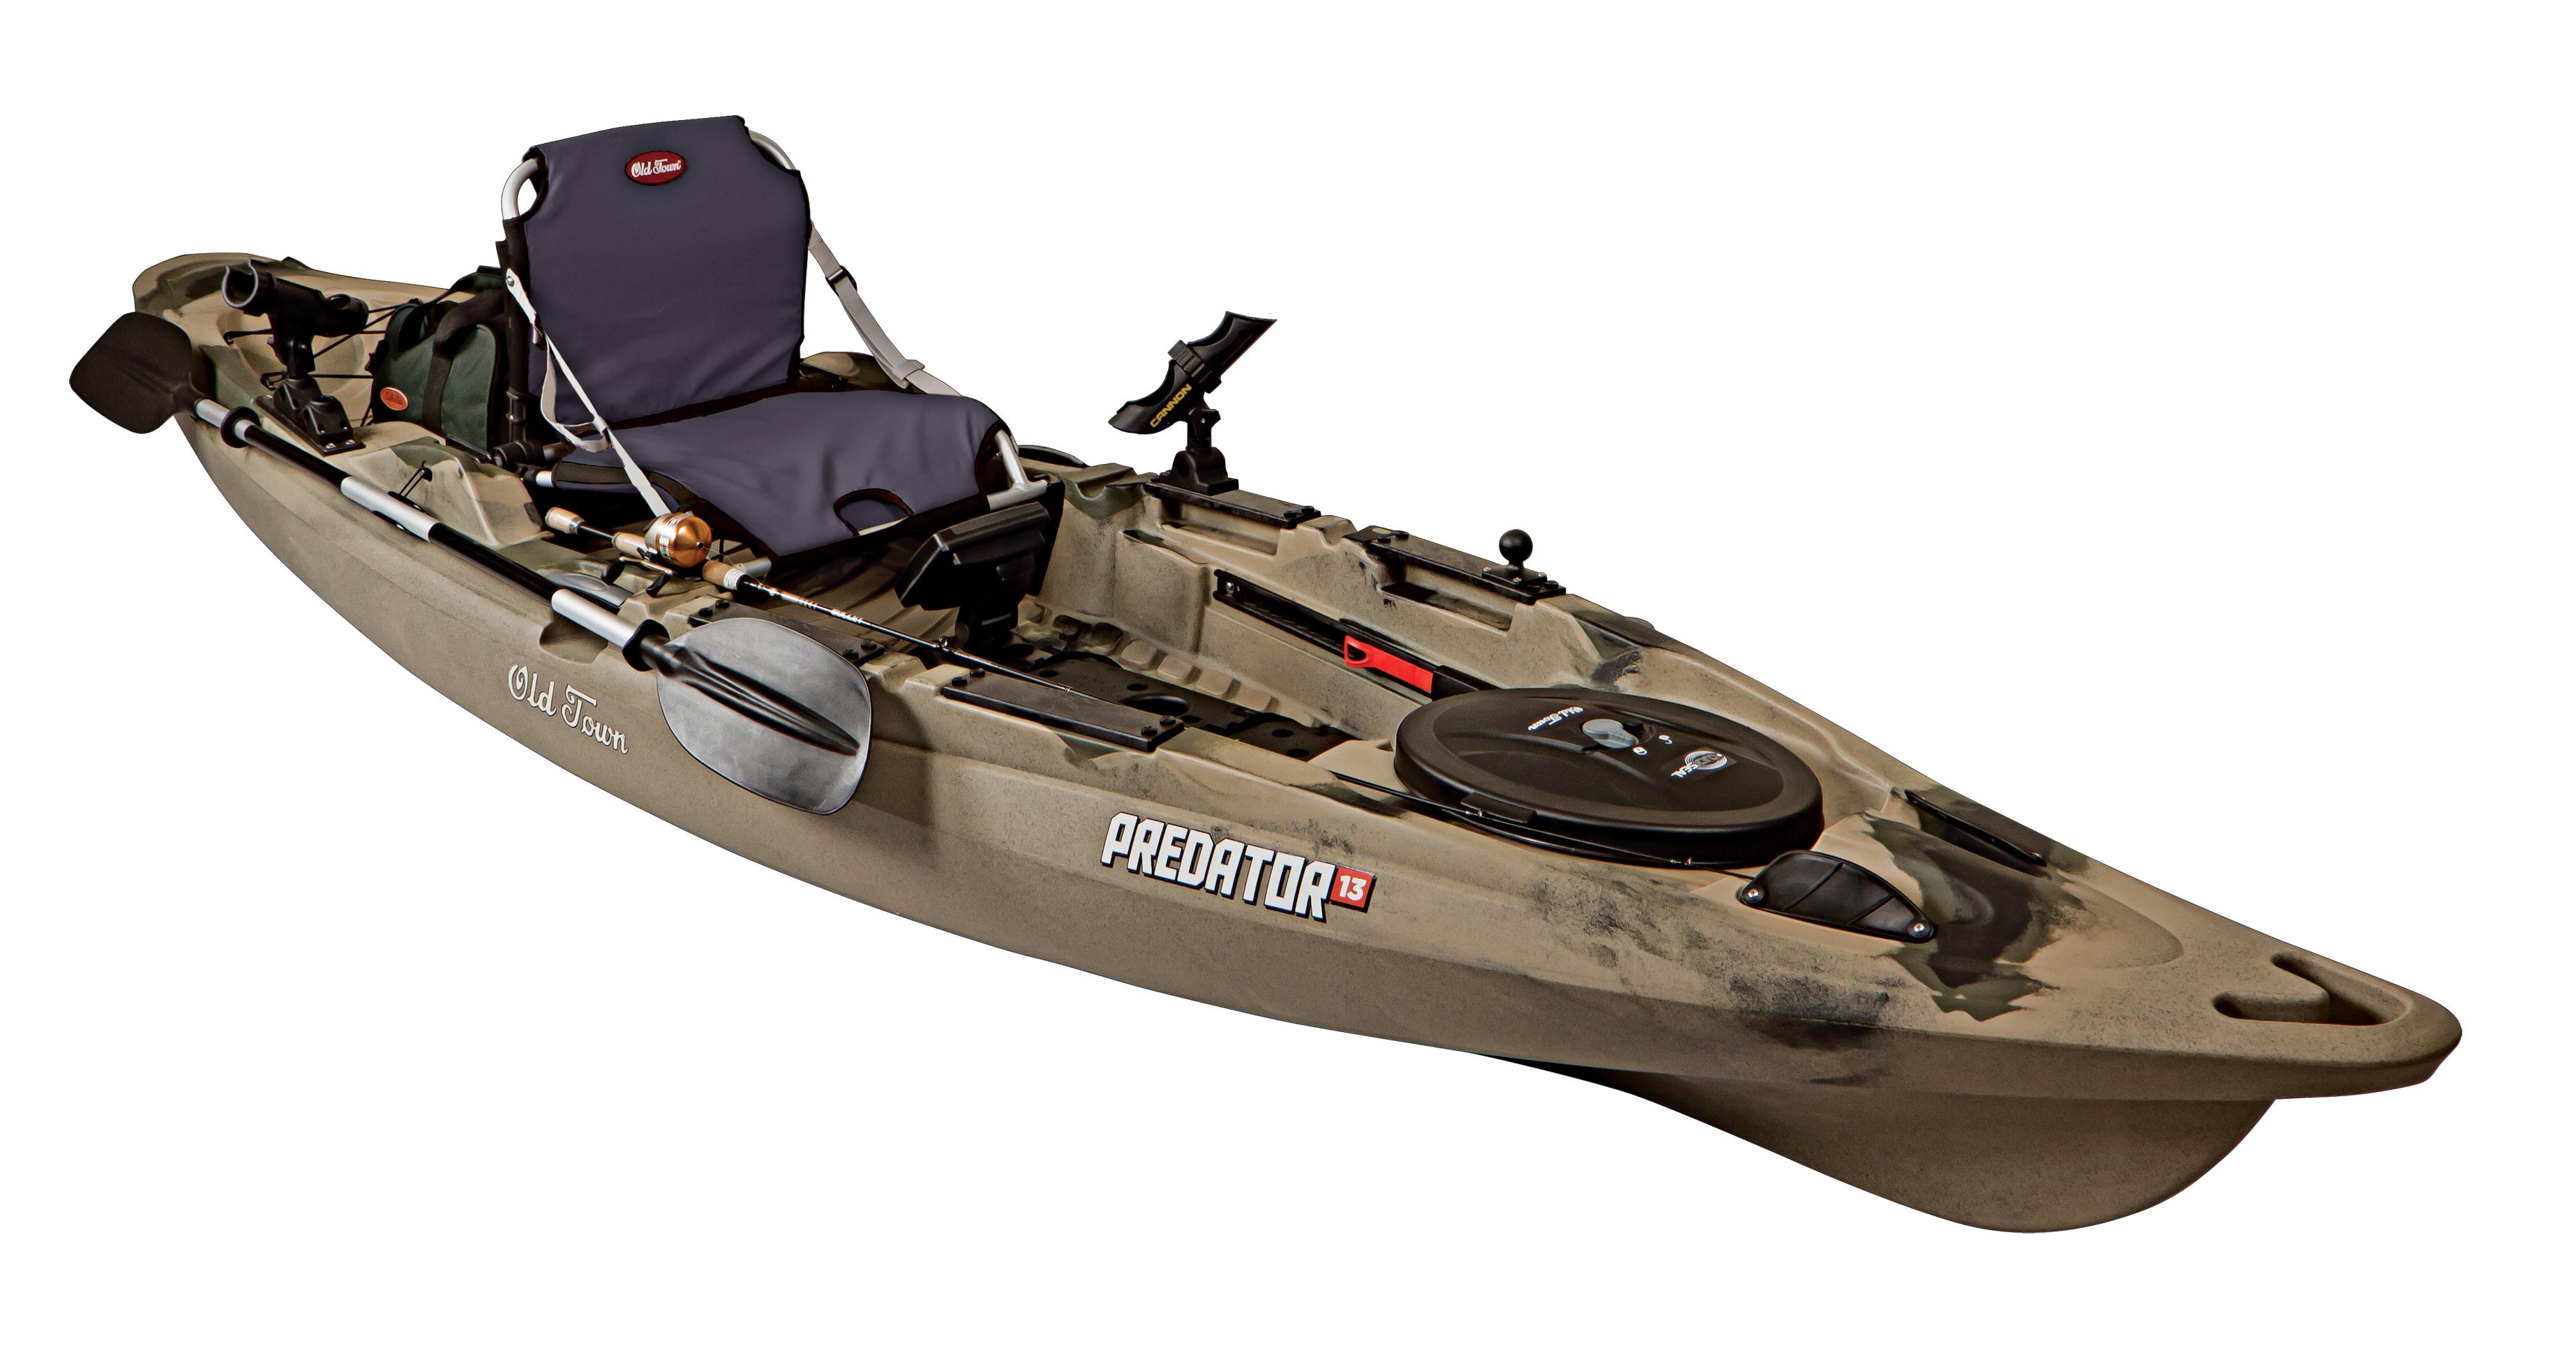 Old town kayaks predator 13 fishing kayak for Fishing kayak brands